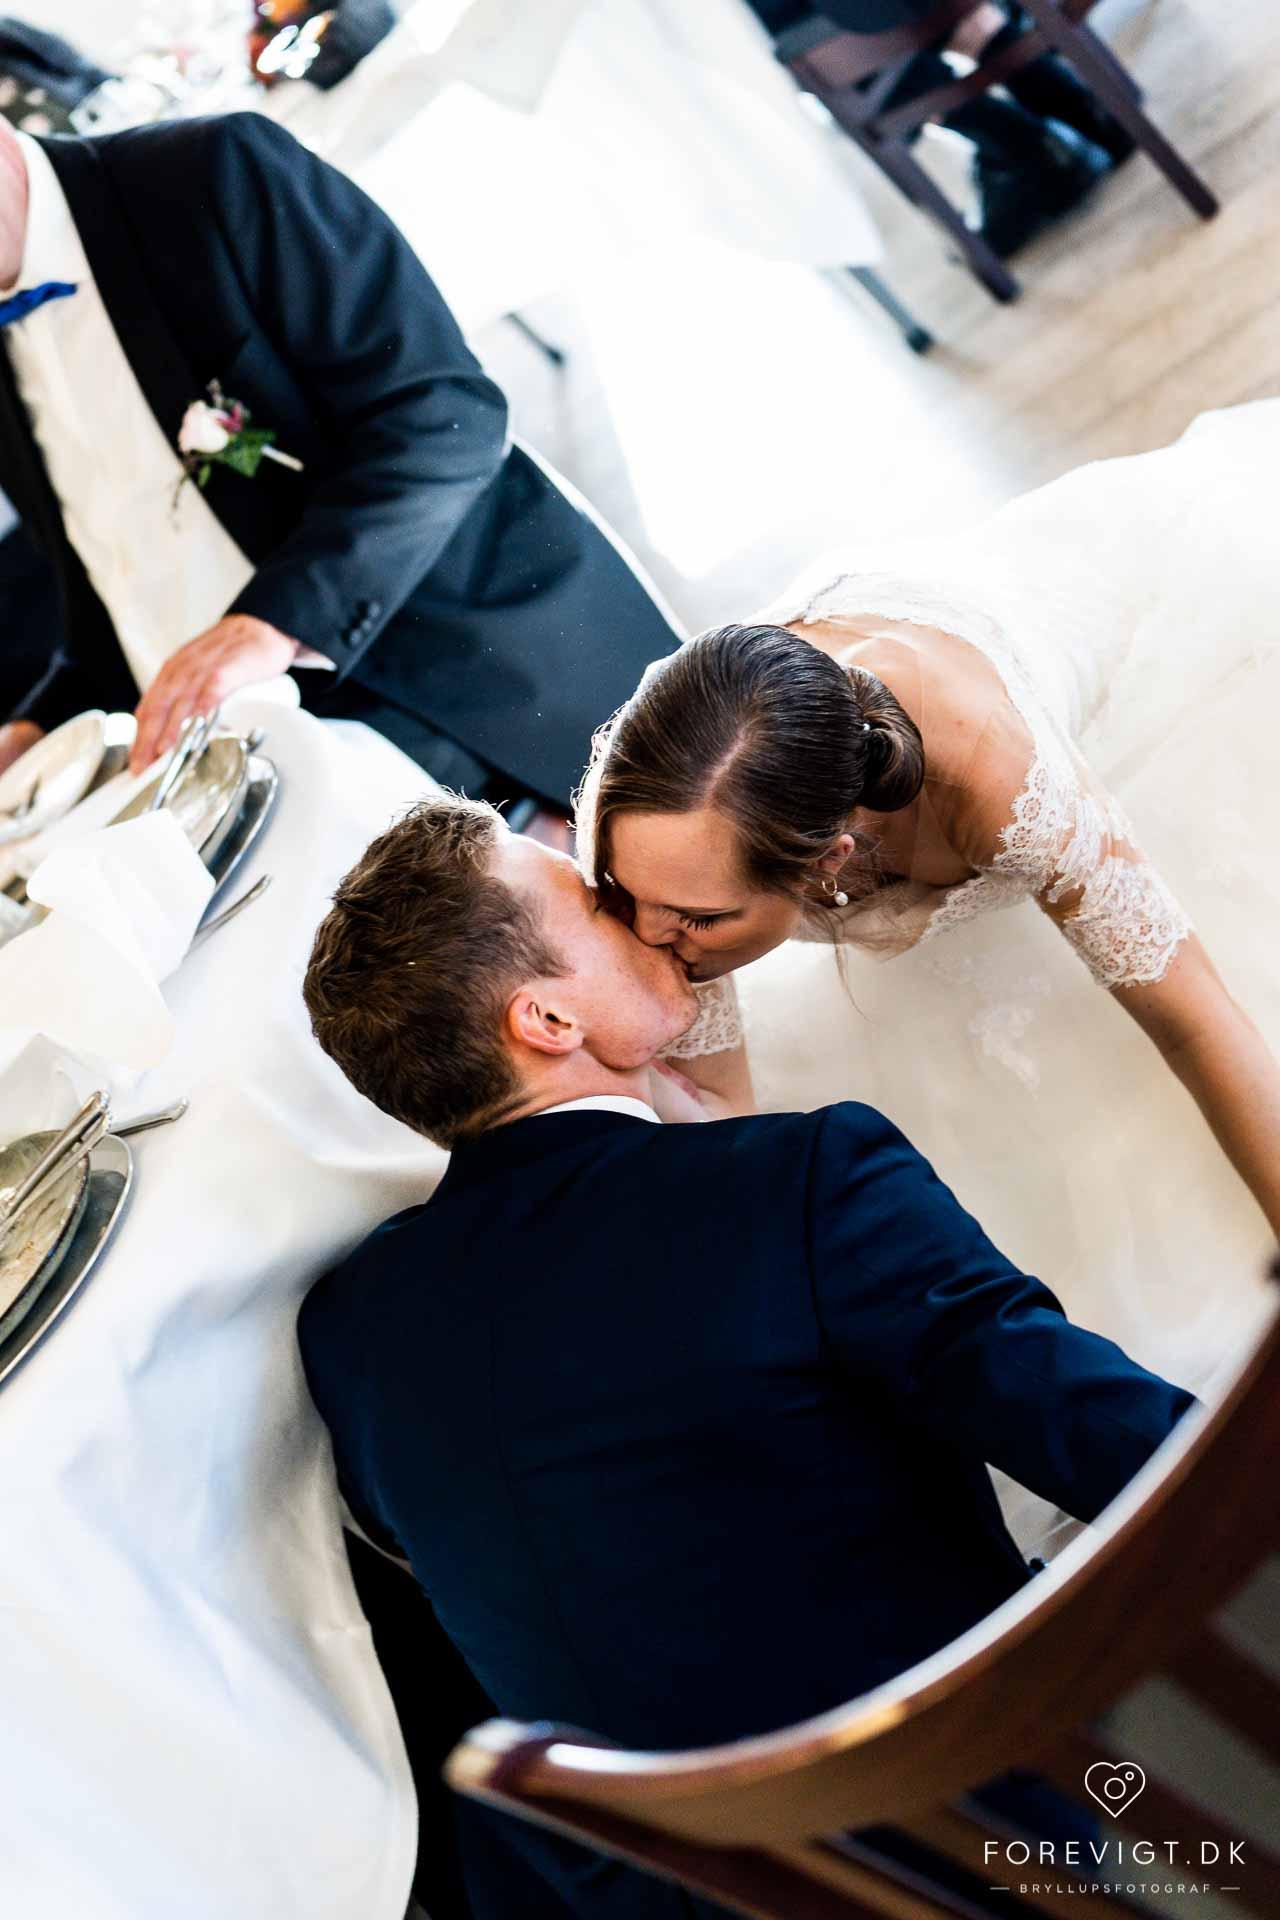 Bryllup - Hvor (Fyn) - Bryllupsforberedelser